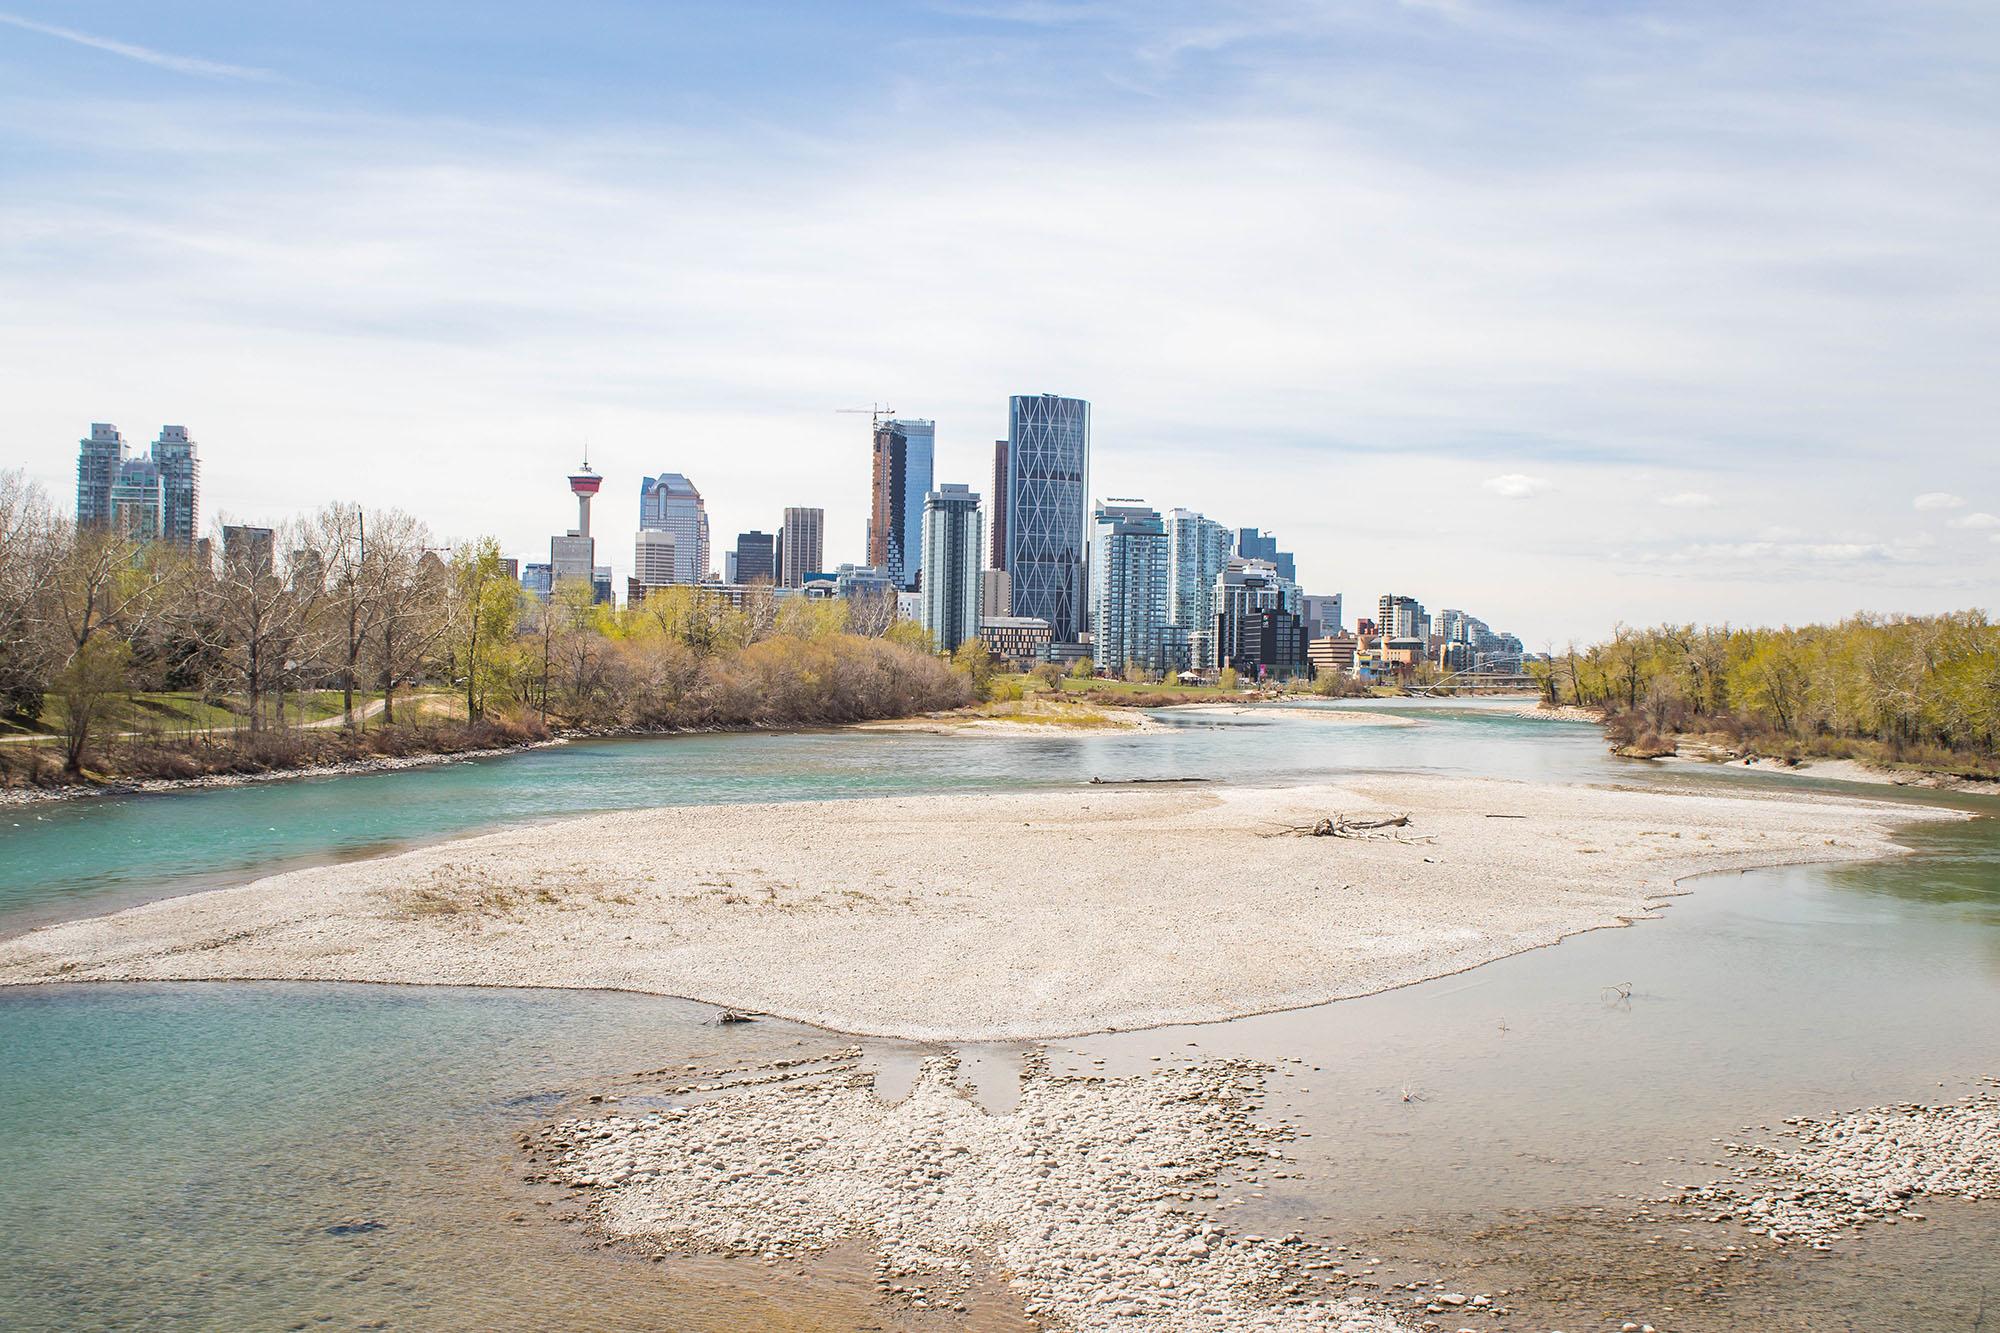 À la découverte de Calgary : Patrick island park